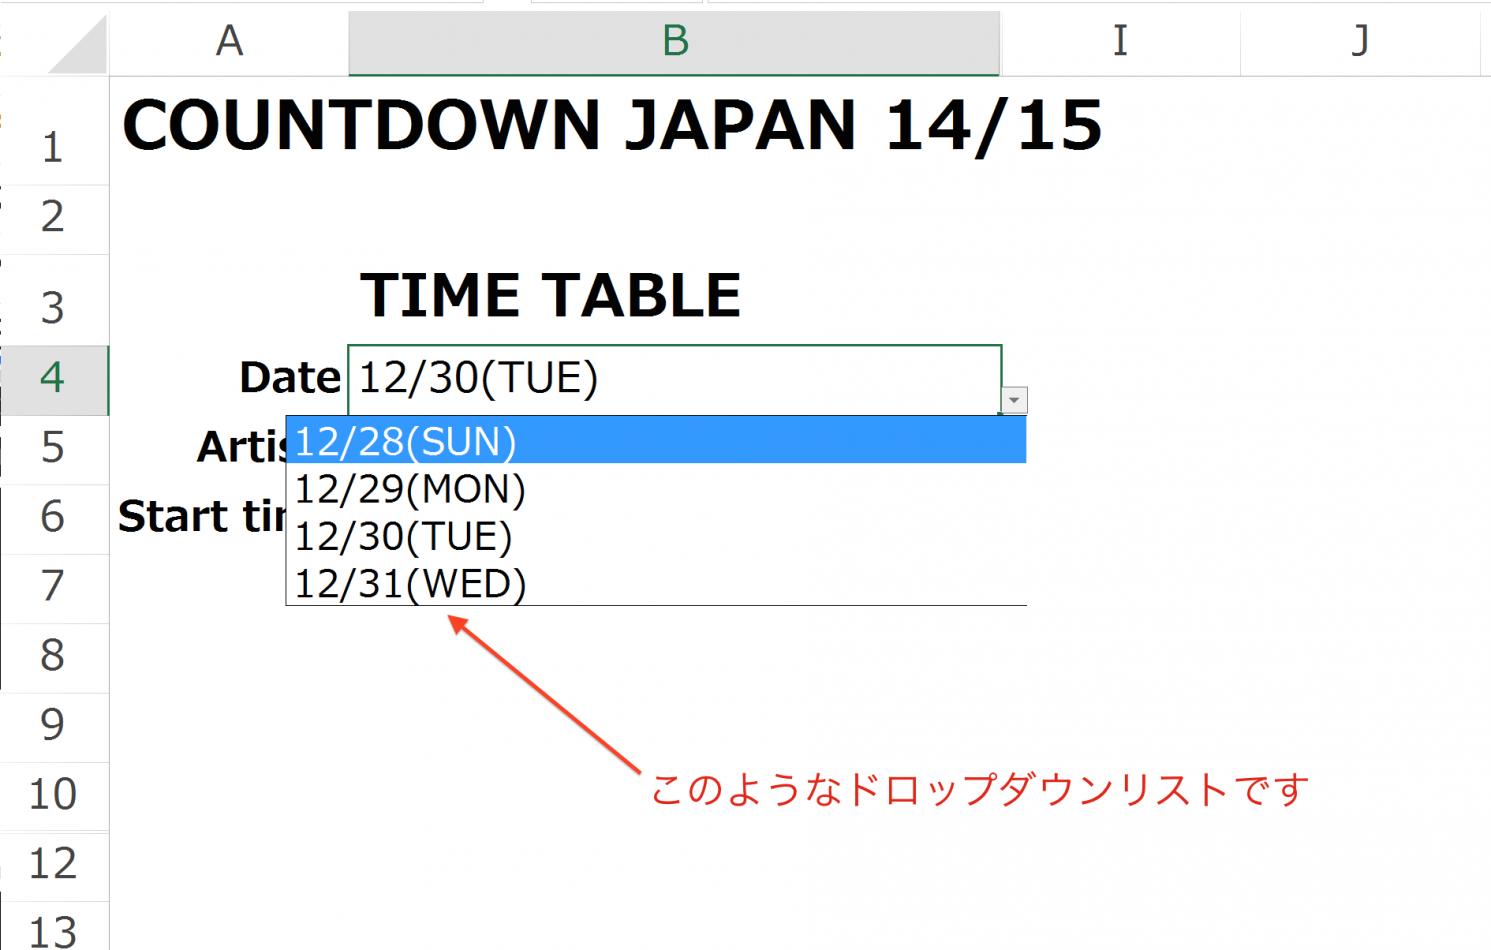 スクリーンショット 2014-12-10 17.40.55